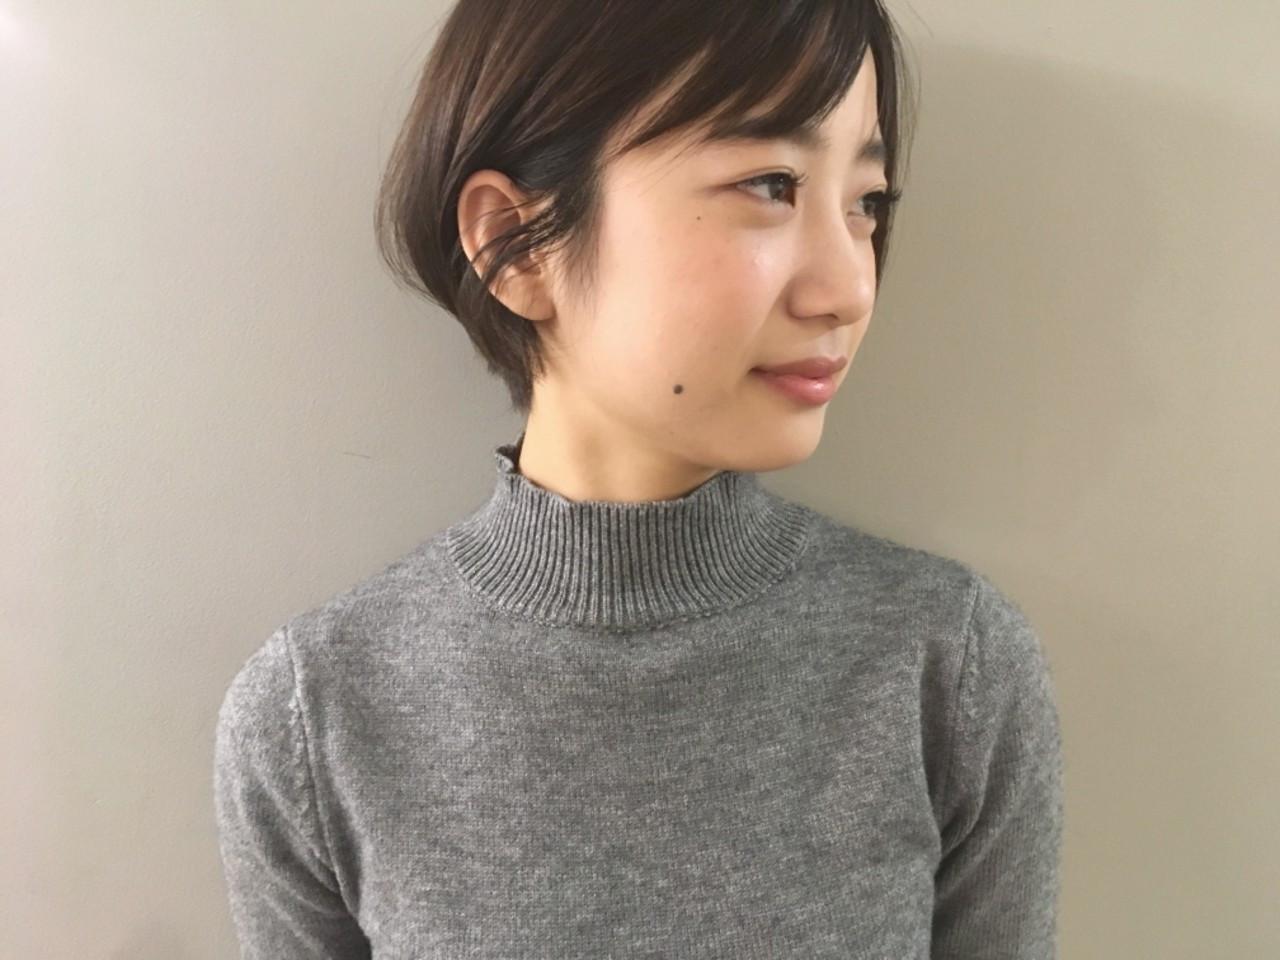 クール感を演出するのならアンニュイショート! 中堂薗 貴博 / LIM | LIM+LIM